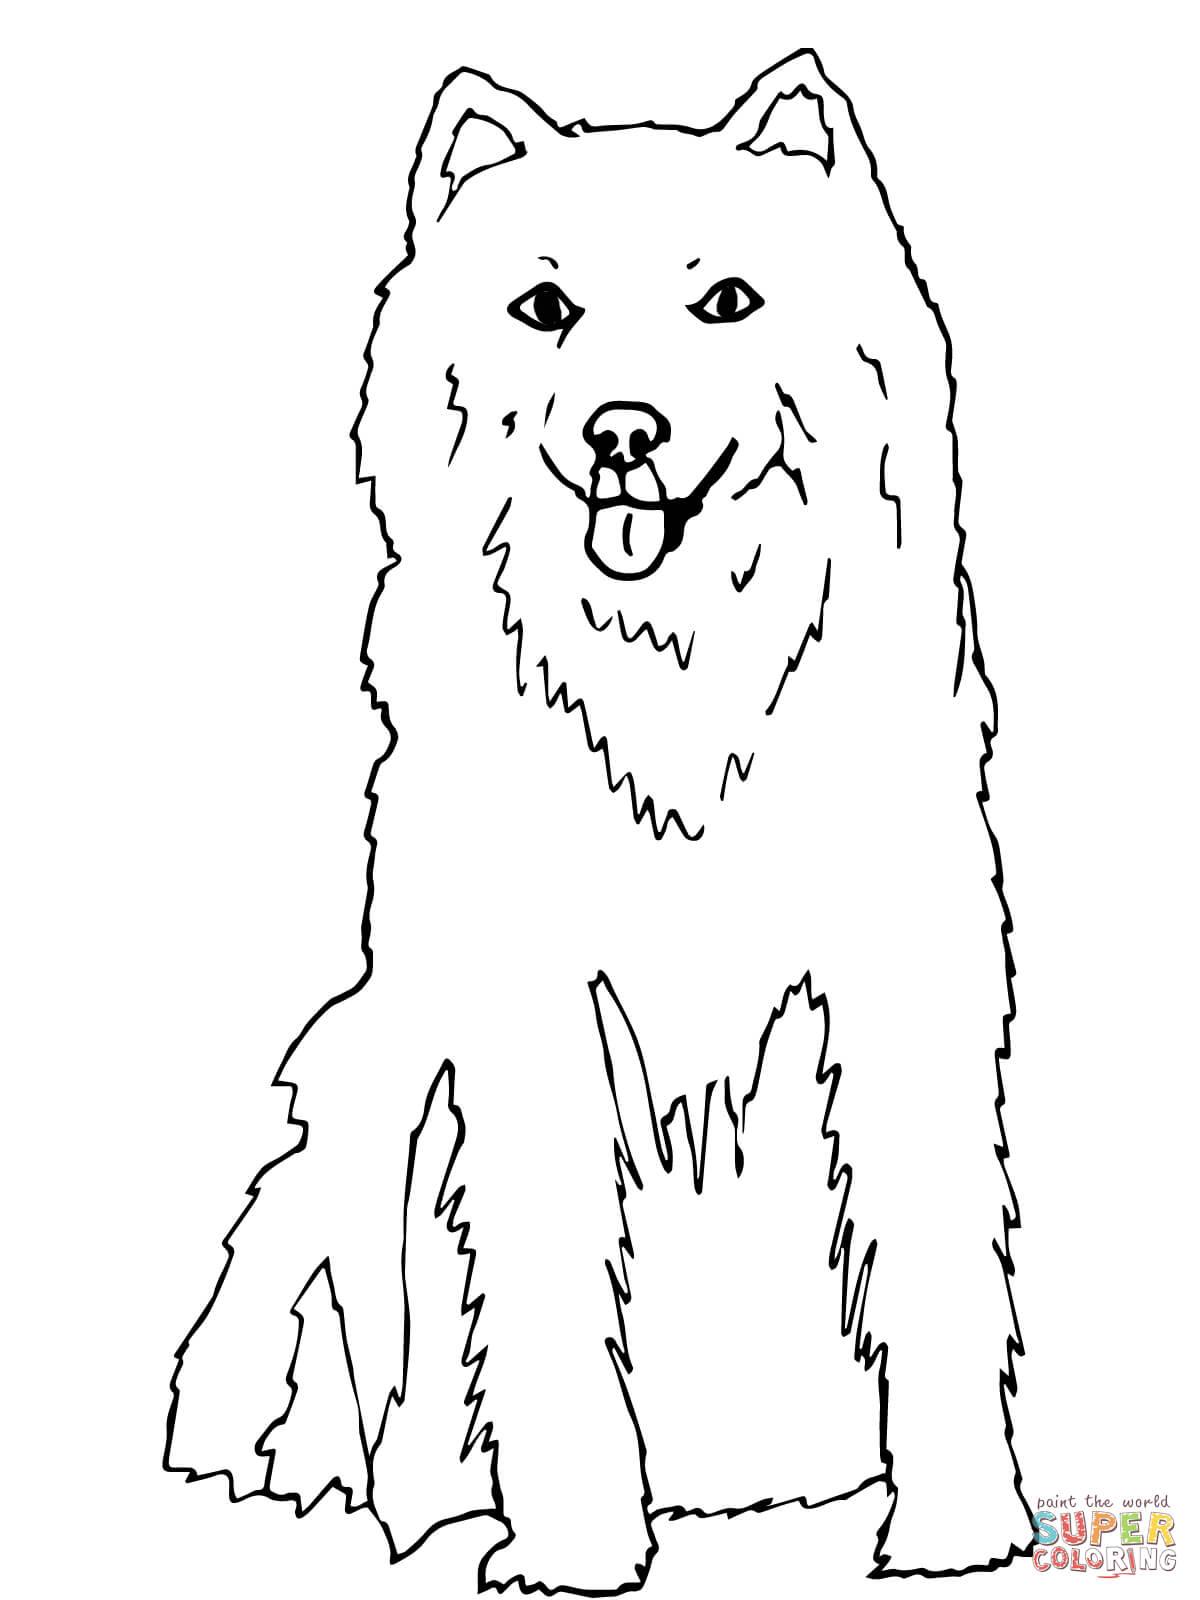 Husky Coloring Page : husky, coloring, Alaskan, Husky, Coloring, Printable, Pages